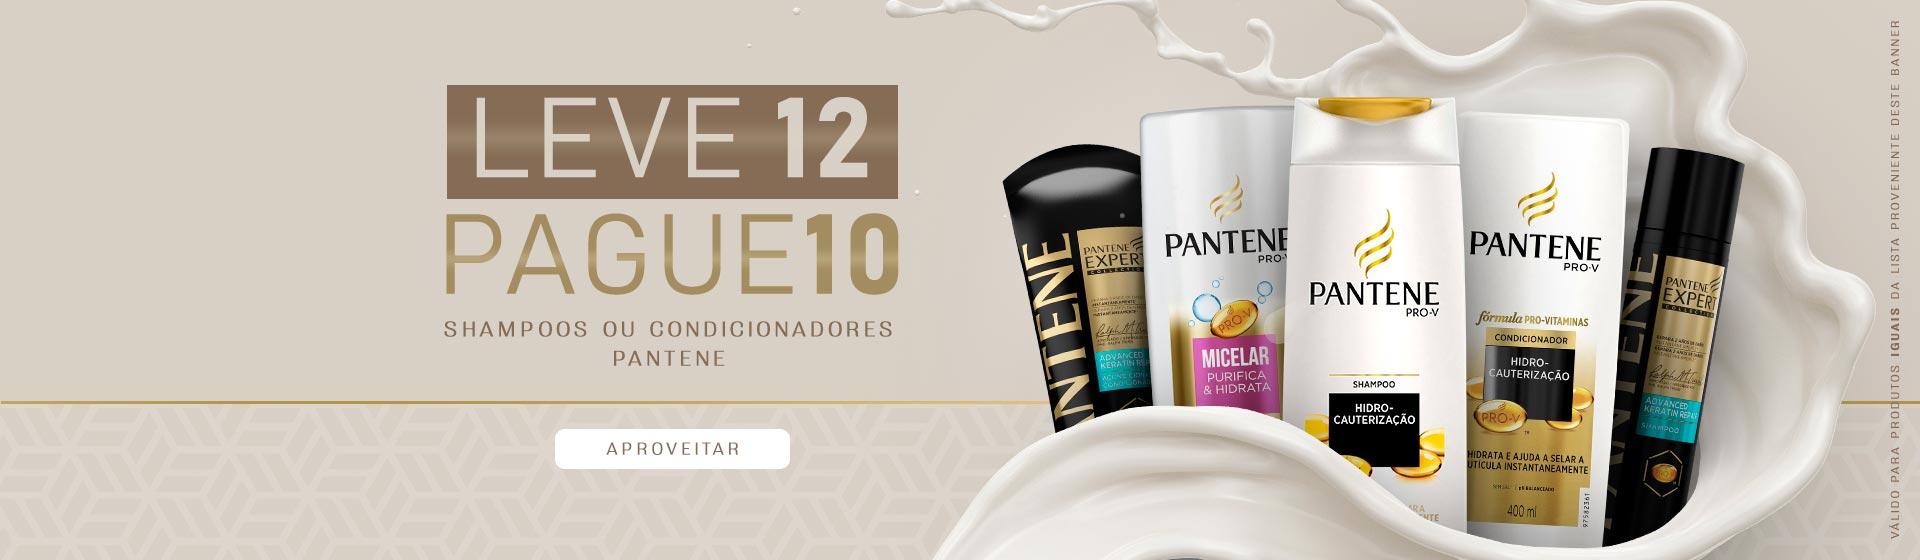 Pantene